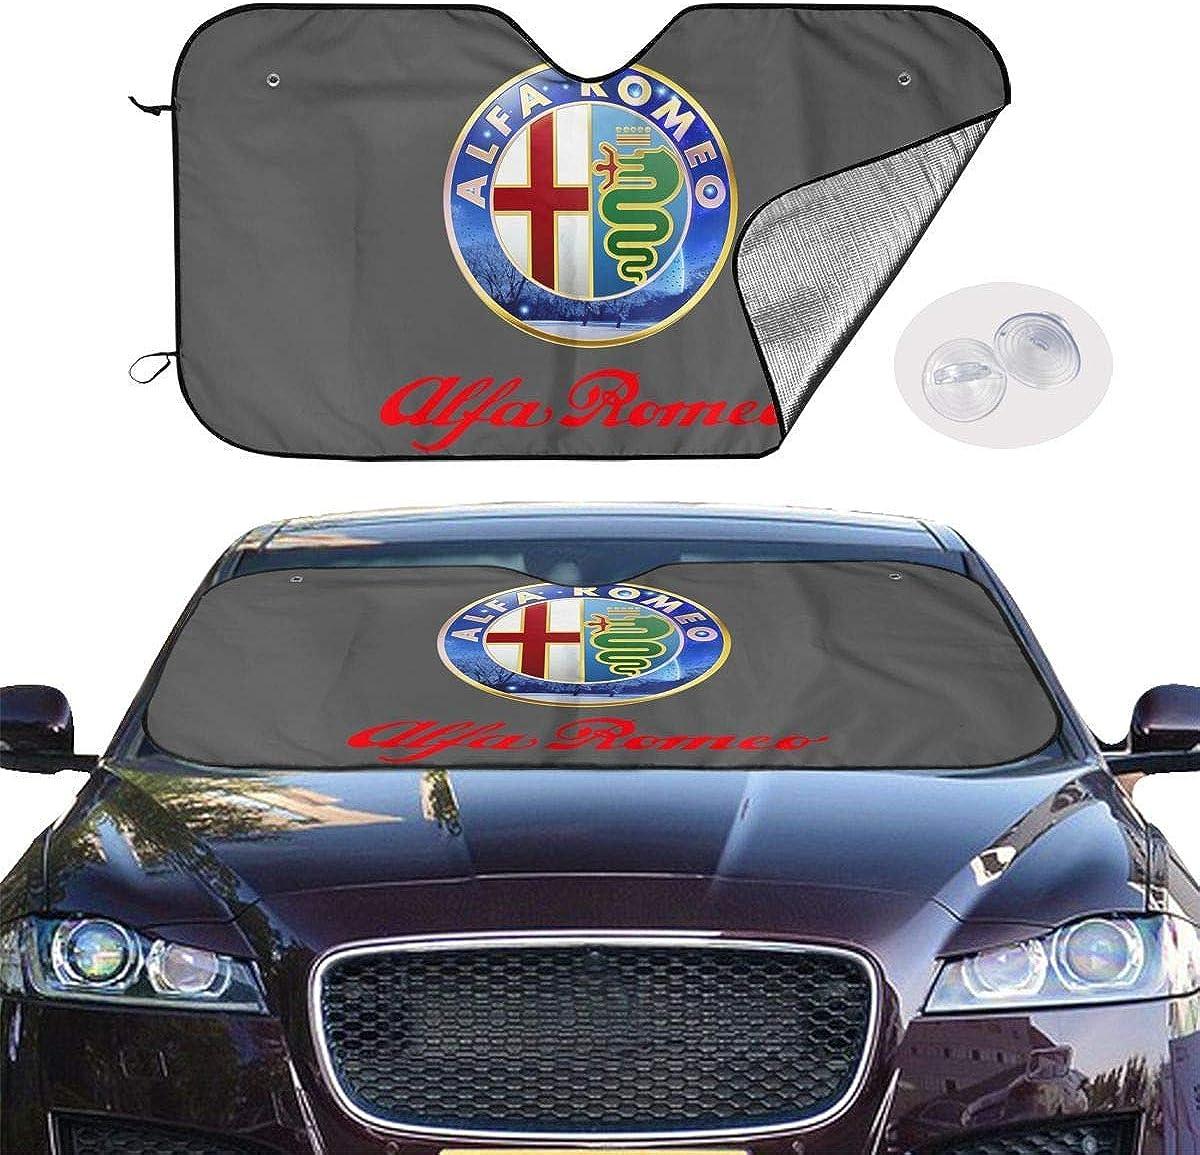 Accordion Car Sunshade Portable Windshield Sun Shade for Car Truck SUV WORKhard9 Alfa Romeo Heat Insulation Car Windshield Sun Shade